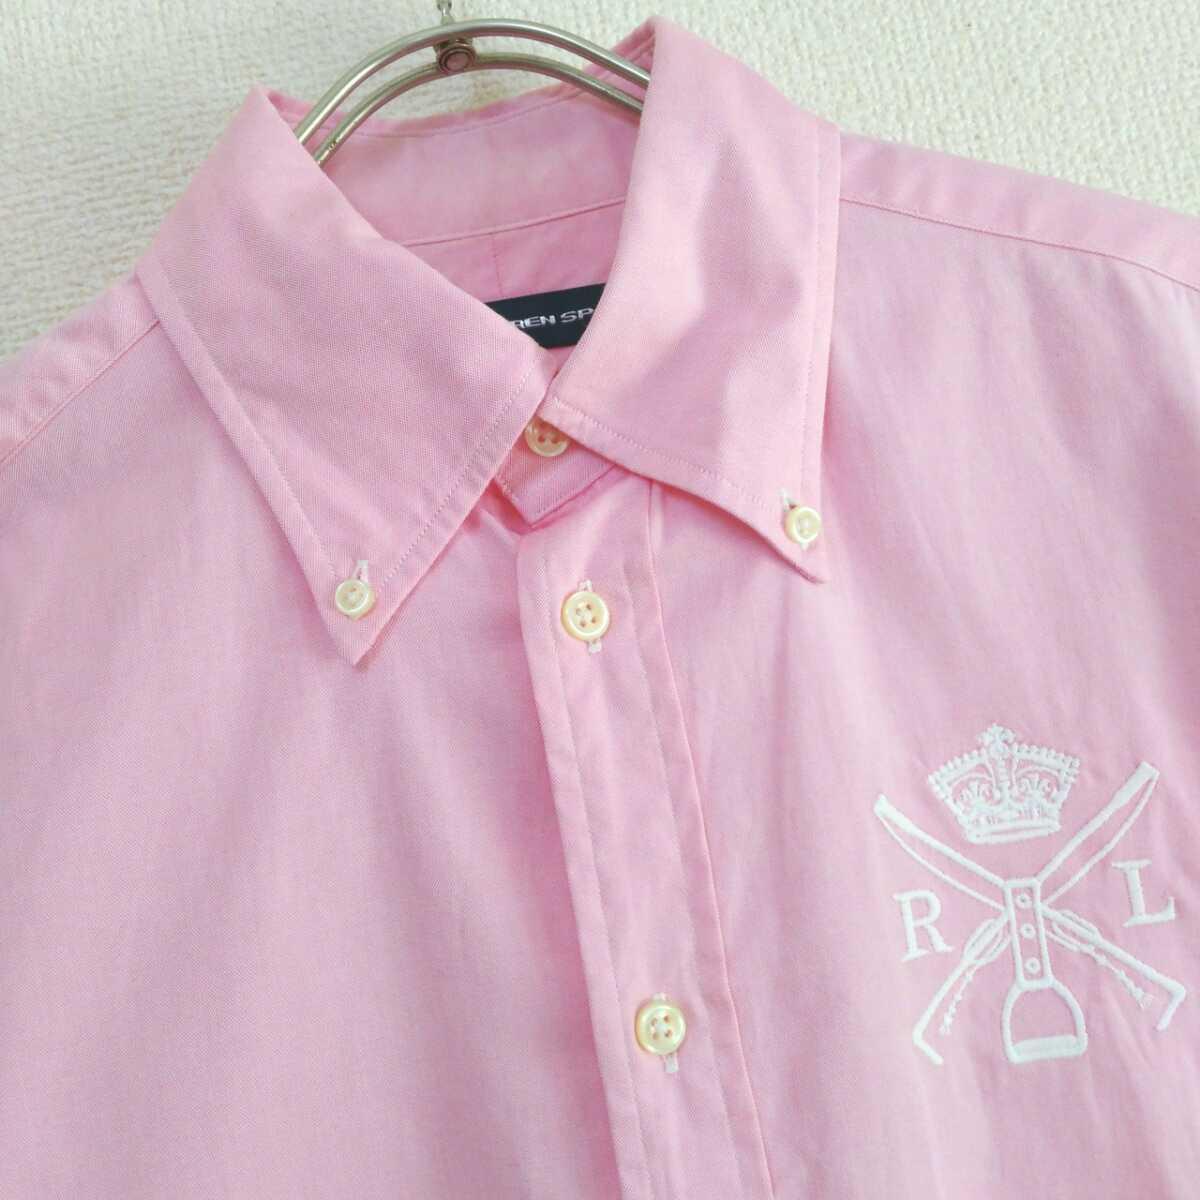 ラルフローレンスポーツ RALPH LAUREN SPORT レディース 8 ピンク 刺繍ロゴ 長袖シャツ 古着女子 フルジョ カジュアル ラルフシャツ●I31